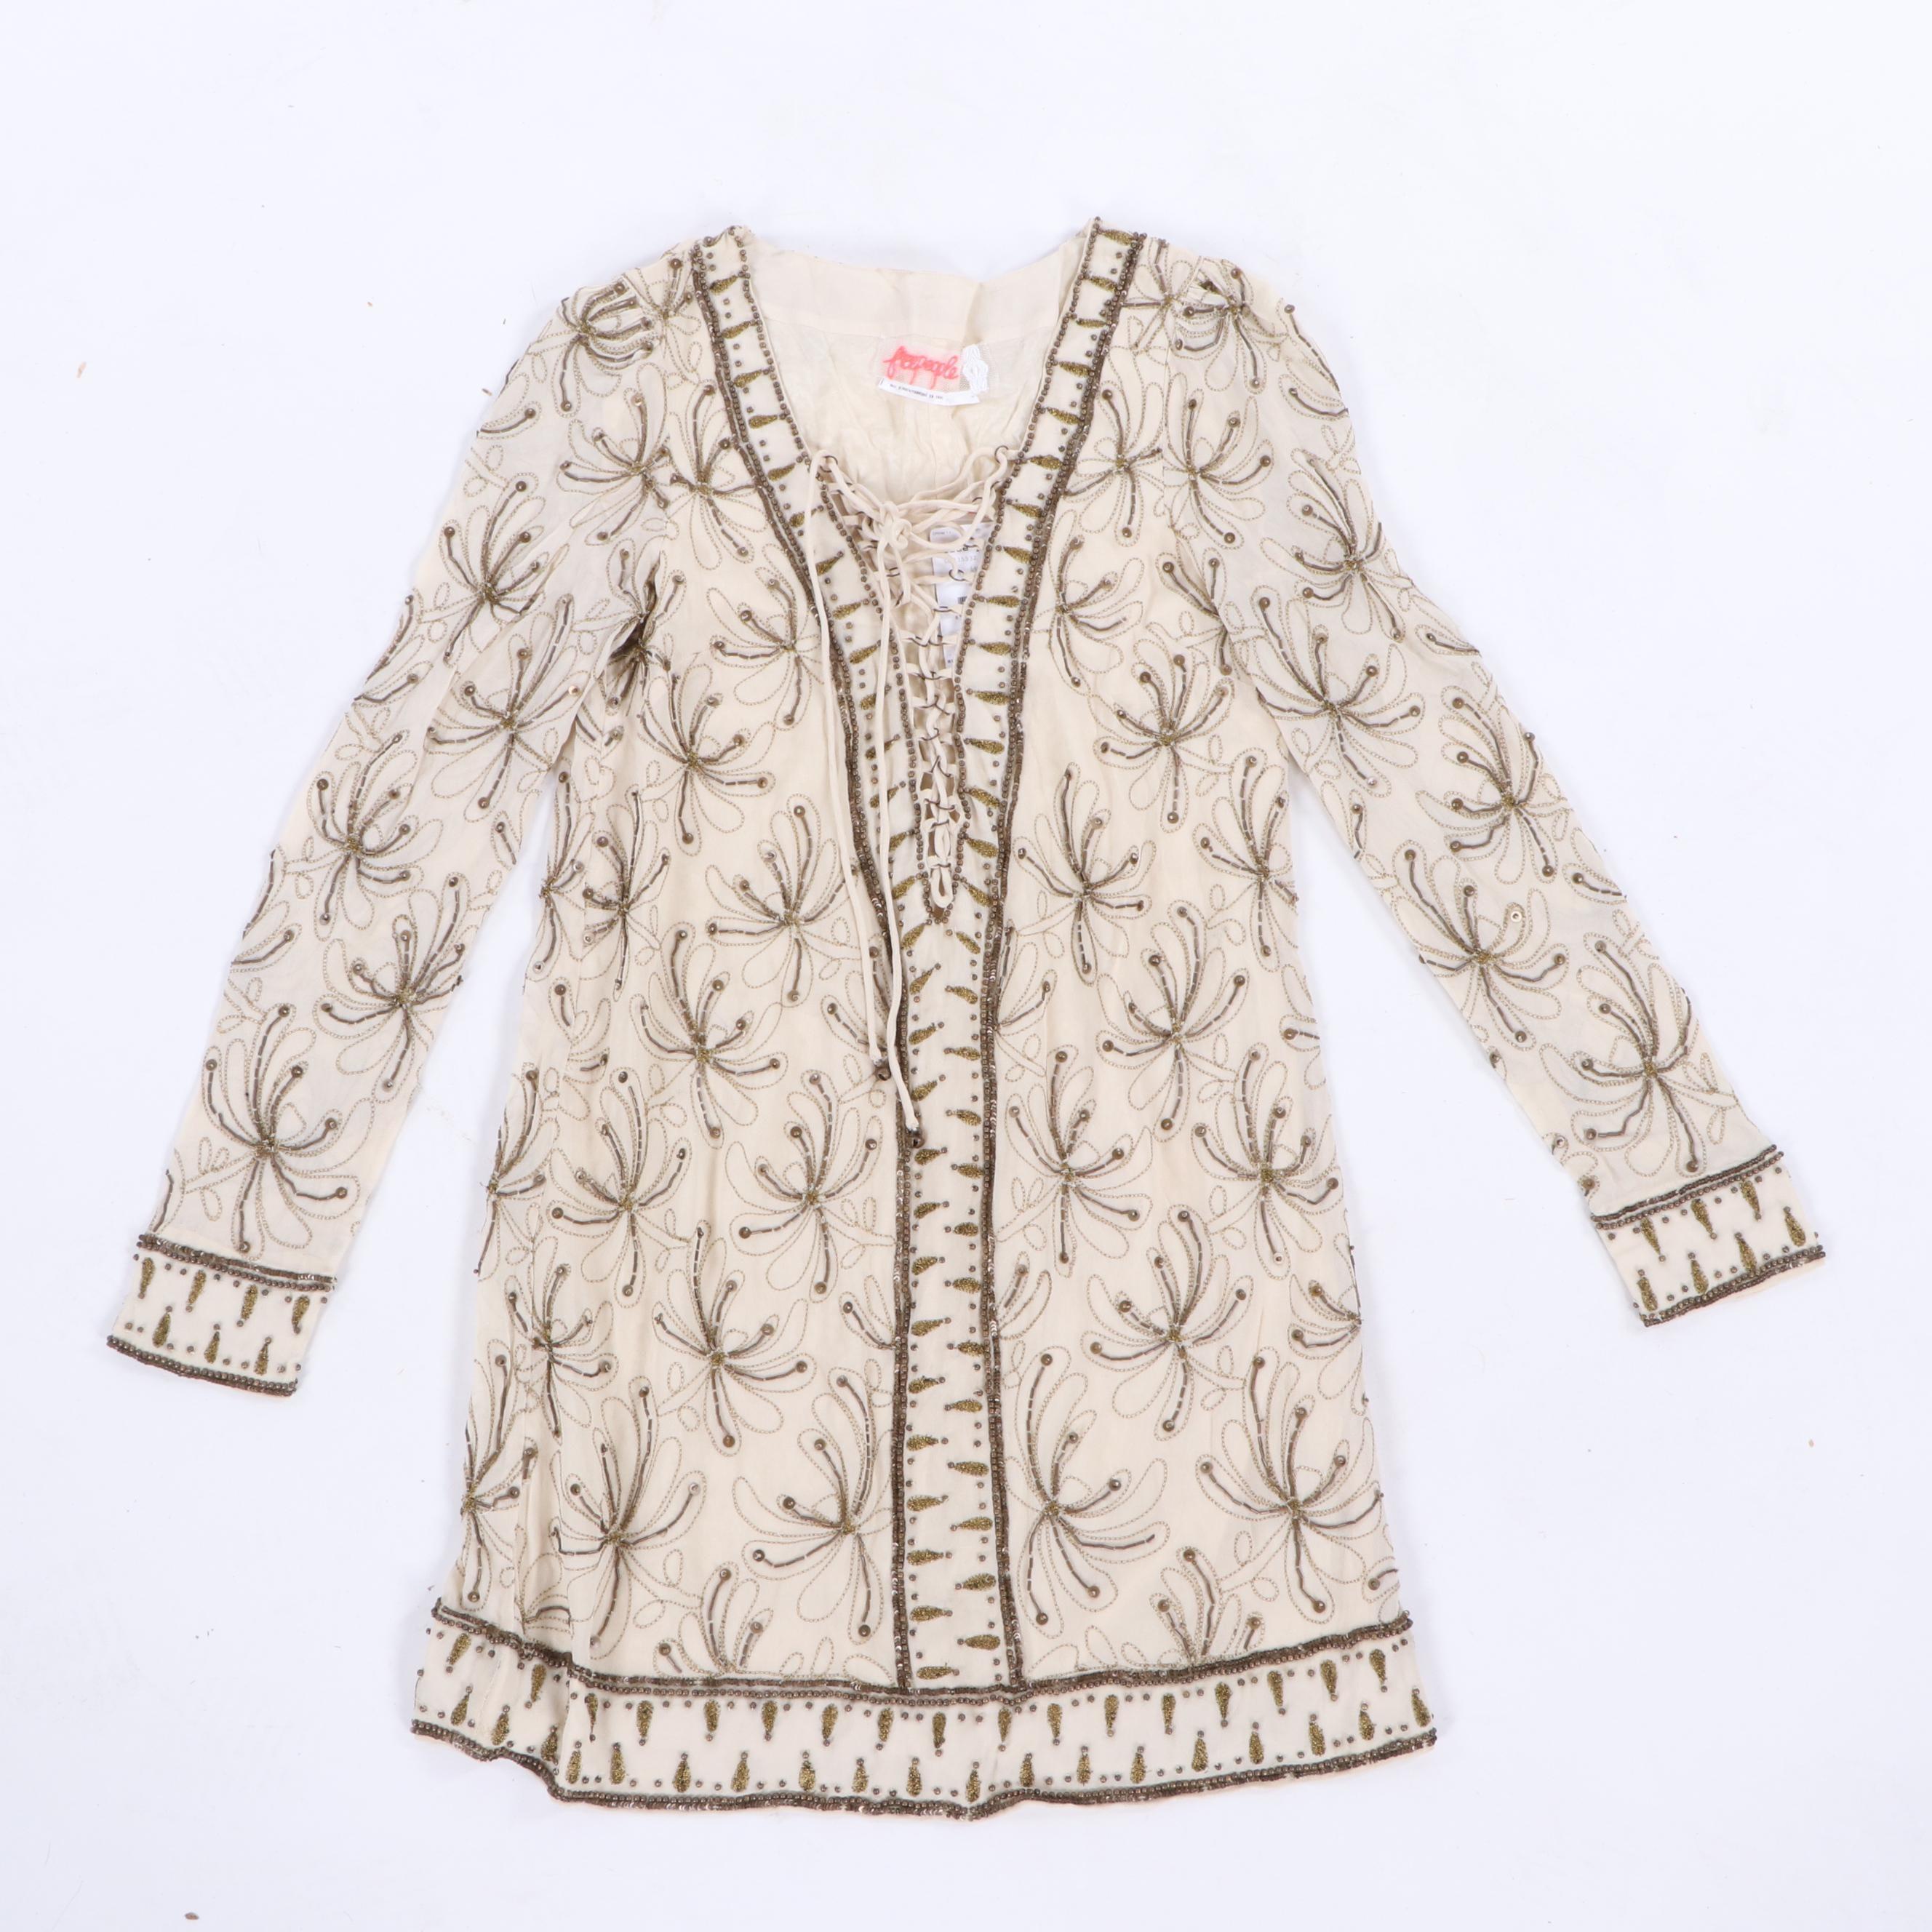 Vintage Free People Ivory-Colored Embellished Dress